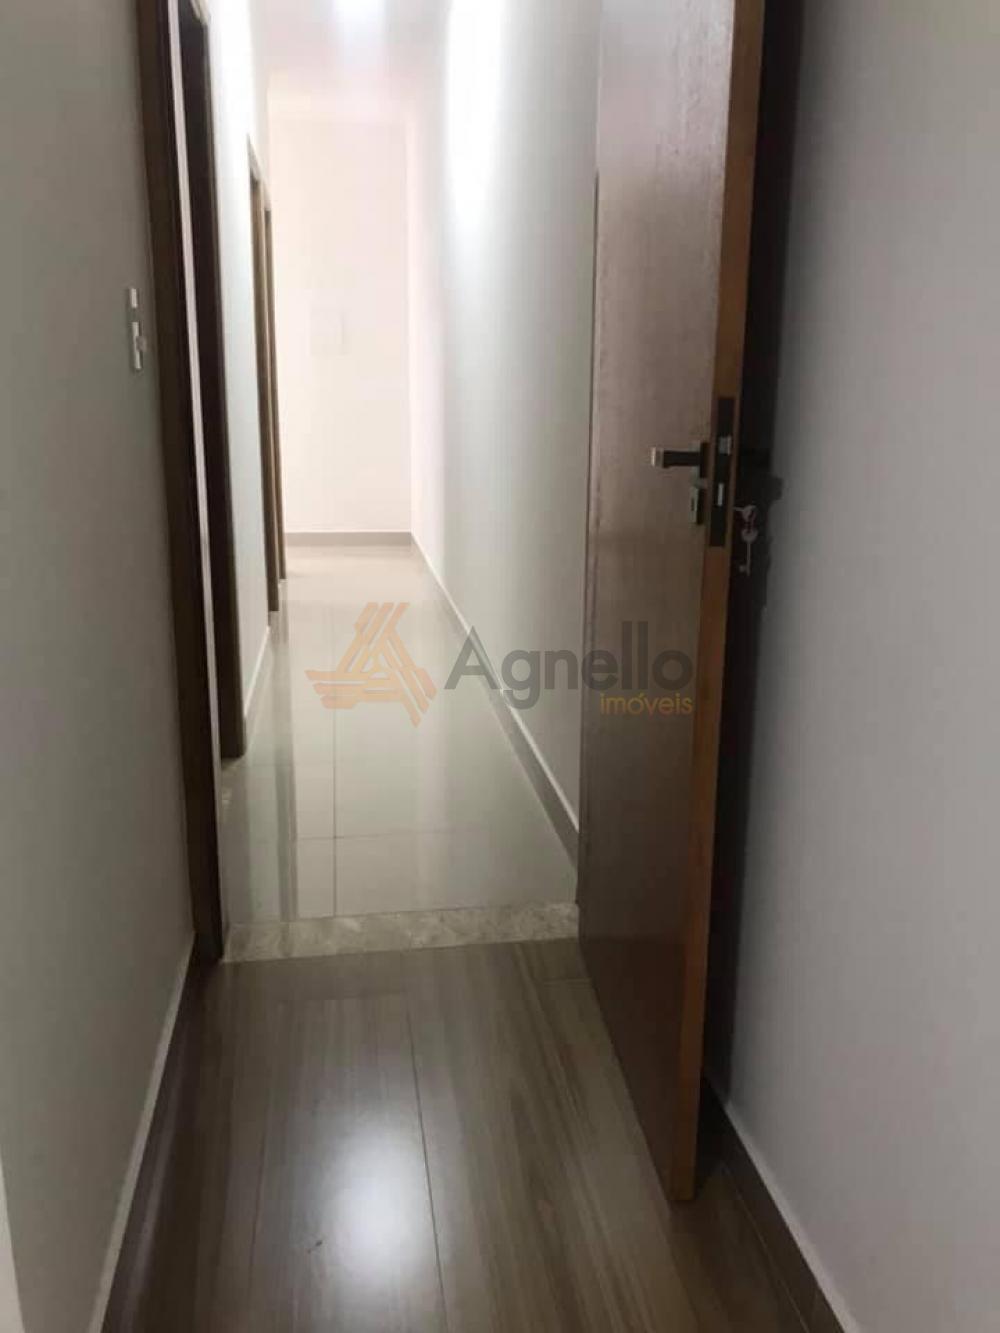 Comprar Apartamento / Padrão em Franca R$ 355.000,00 - Foto 5